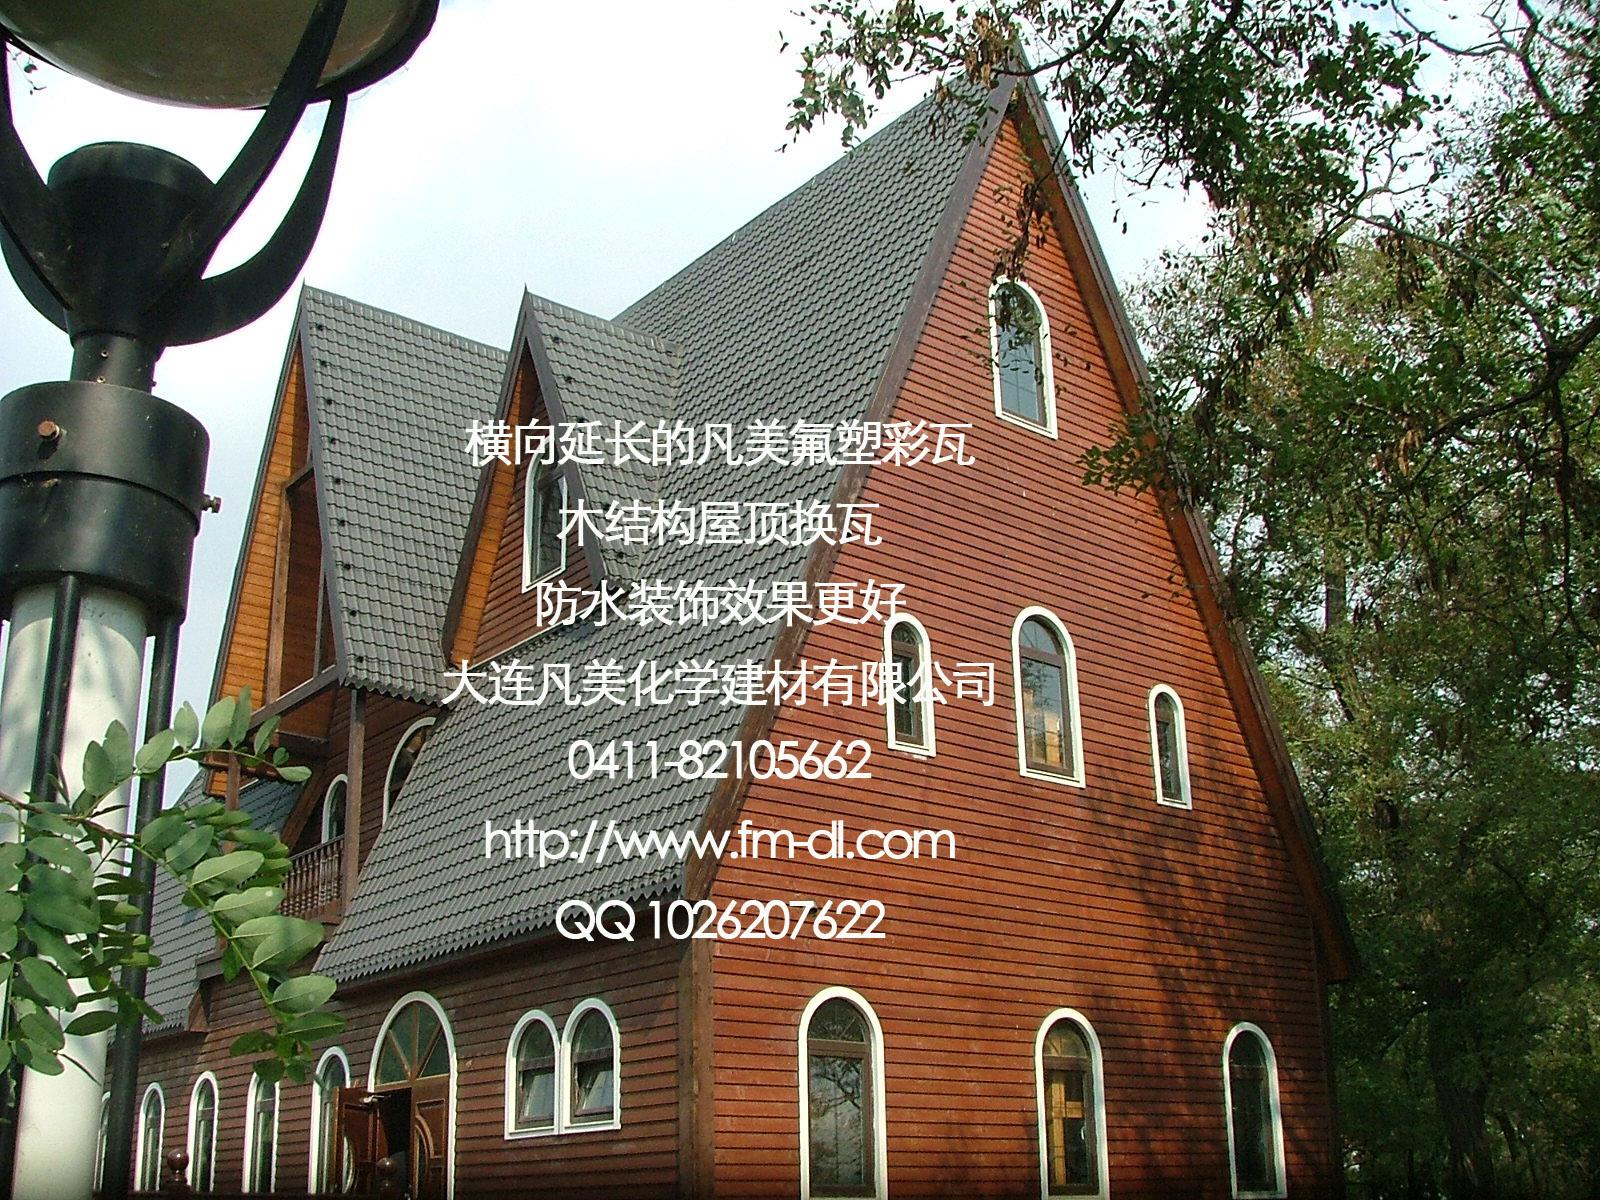 供应东北合成树脂瓦厂家 木屋别墅屋顶瓦片 干挂安装固定仿古瓦片